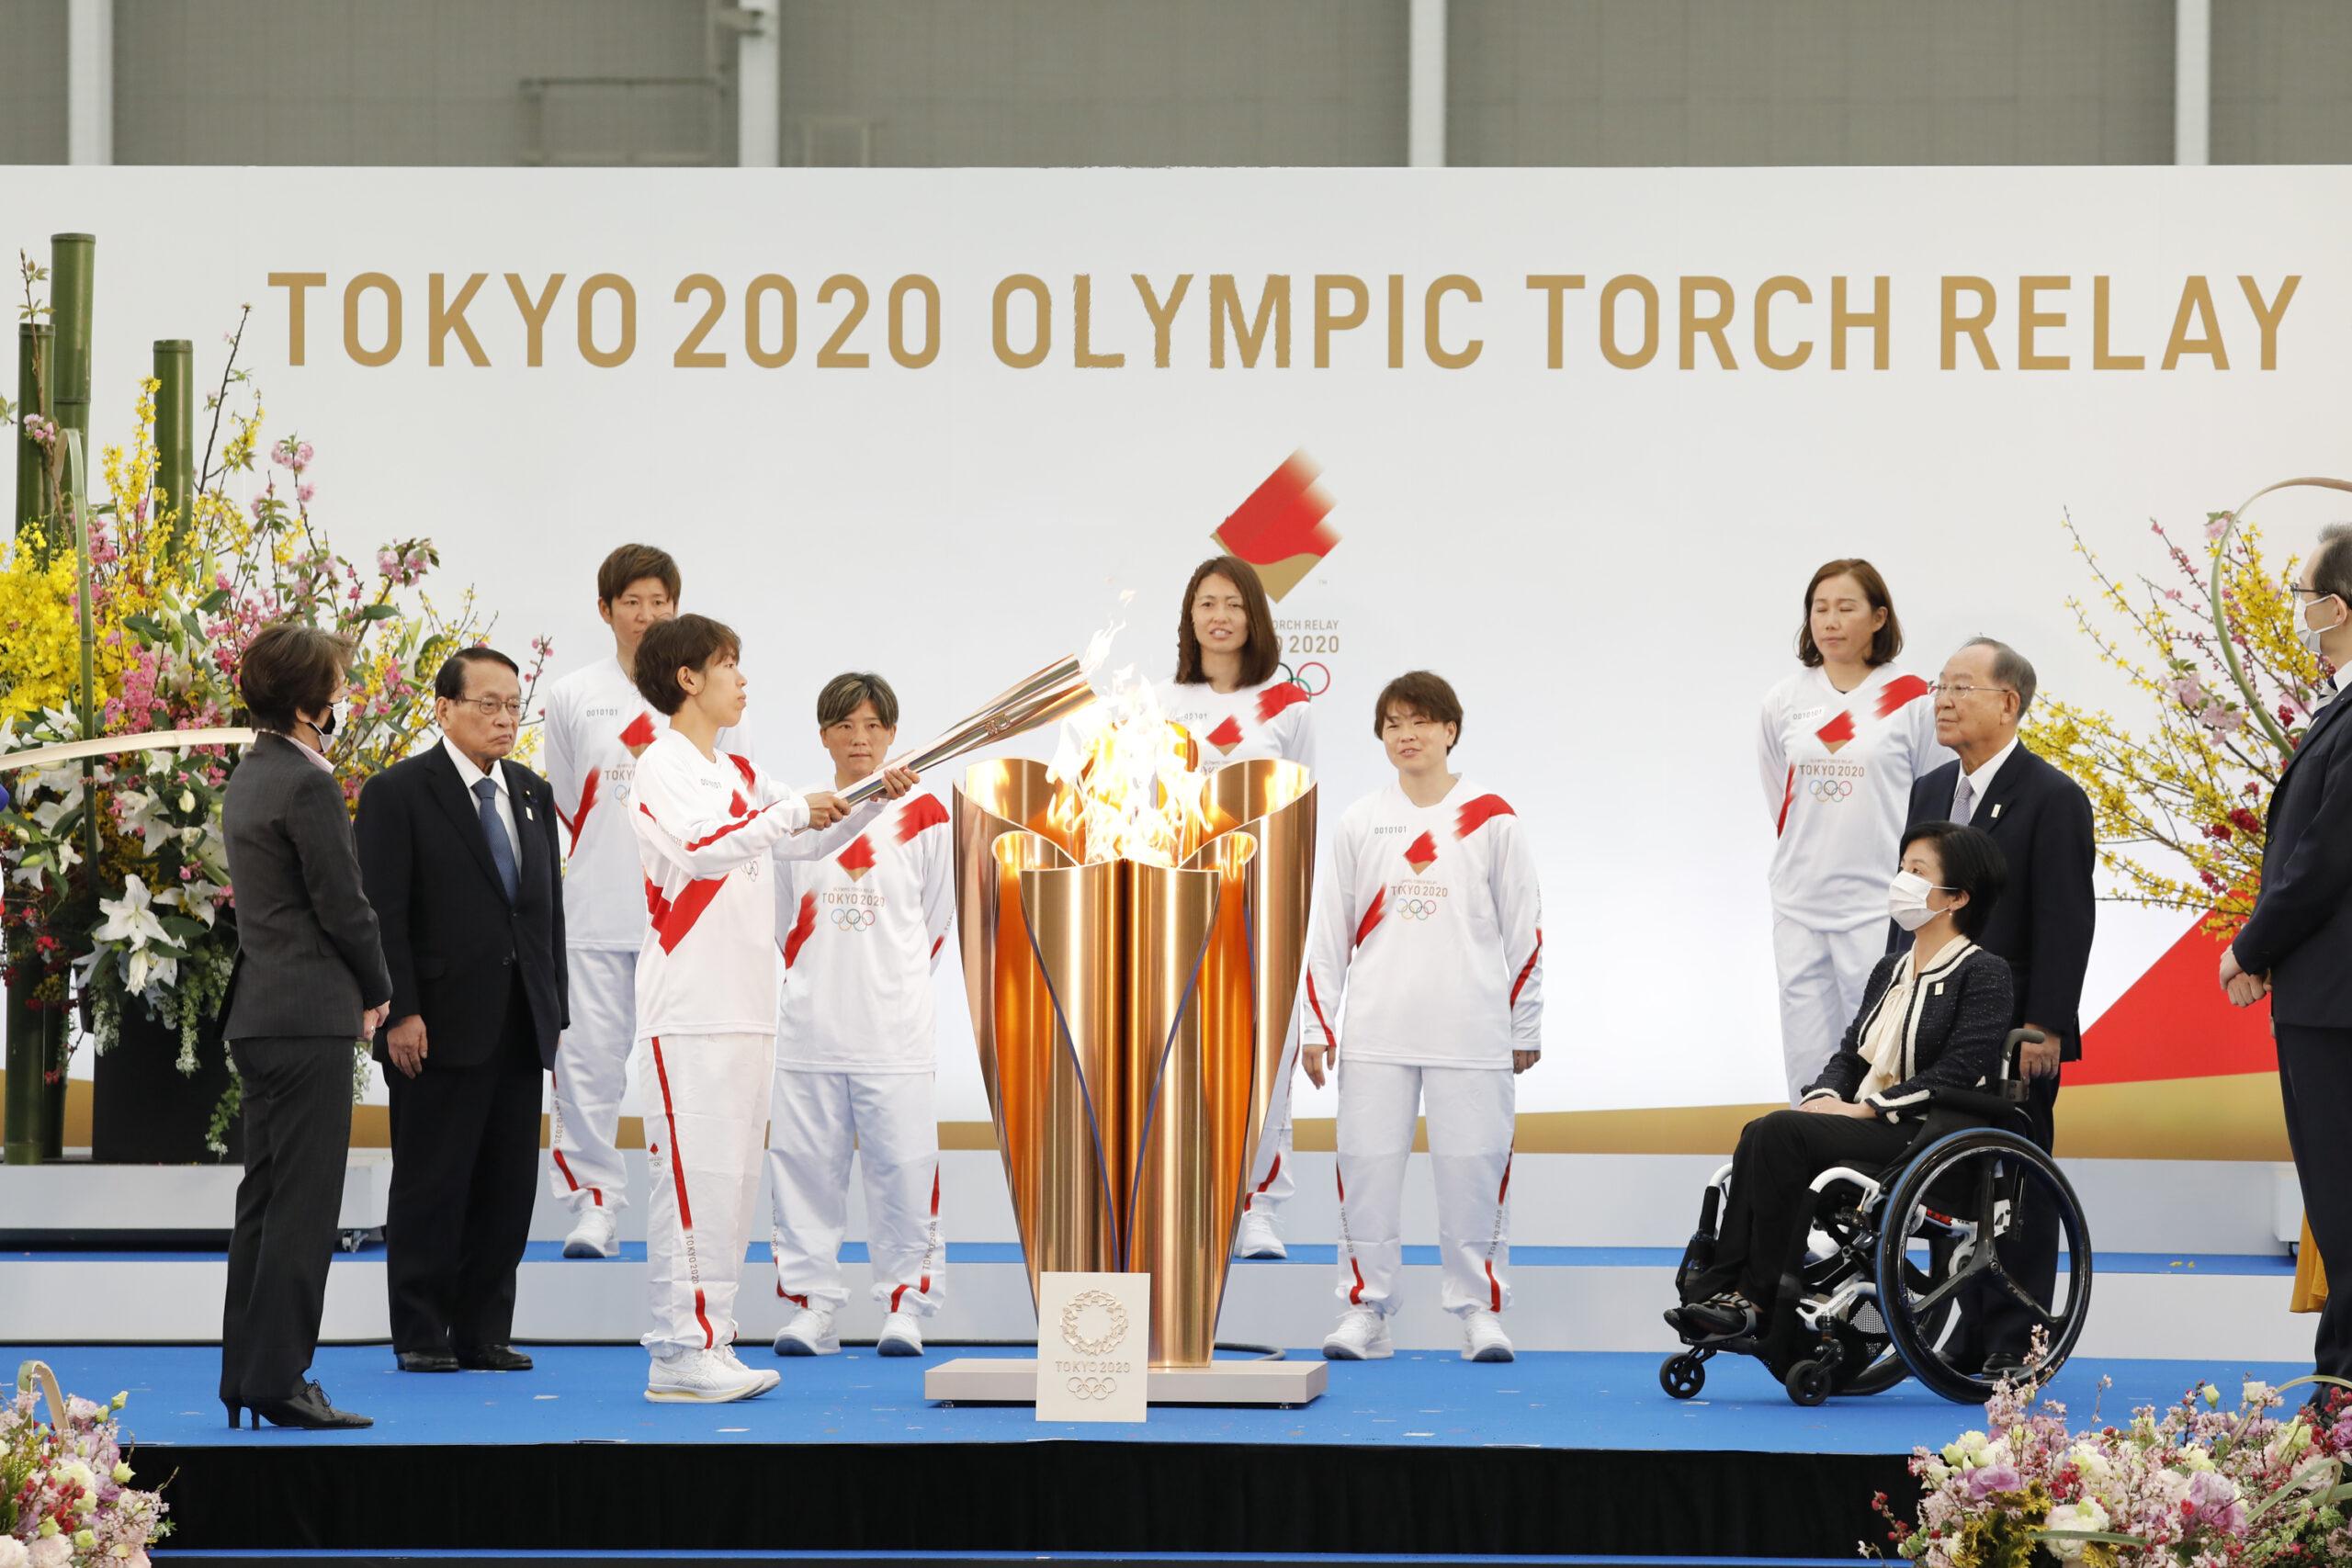 東京五輪・聖火リレーが福島からスタート! なでしこジャパンメンバーが第1走者